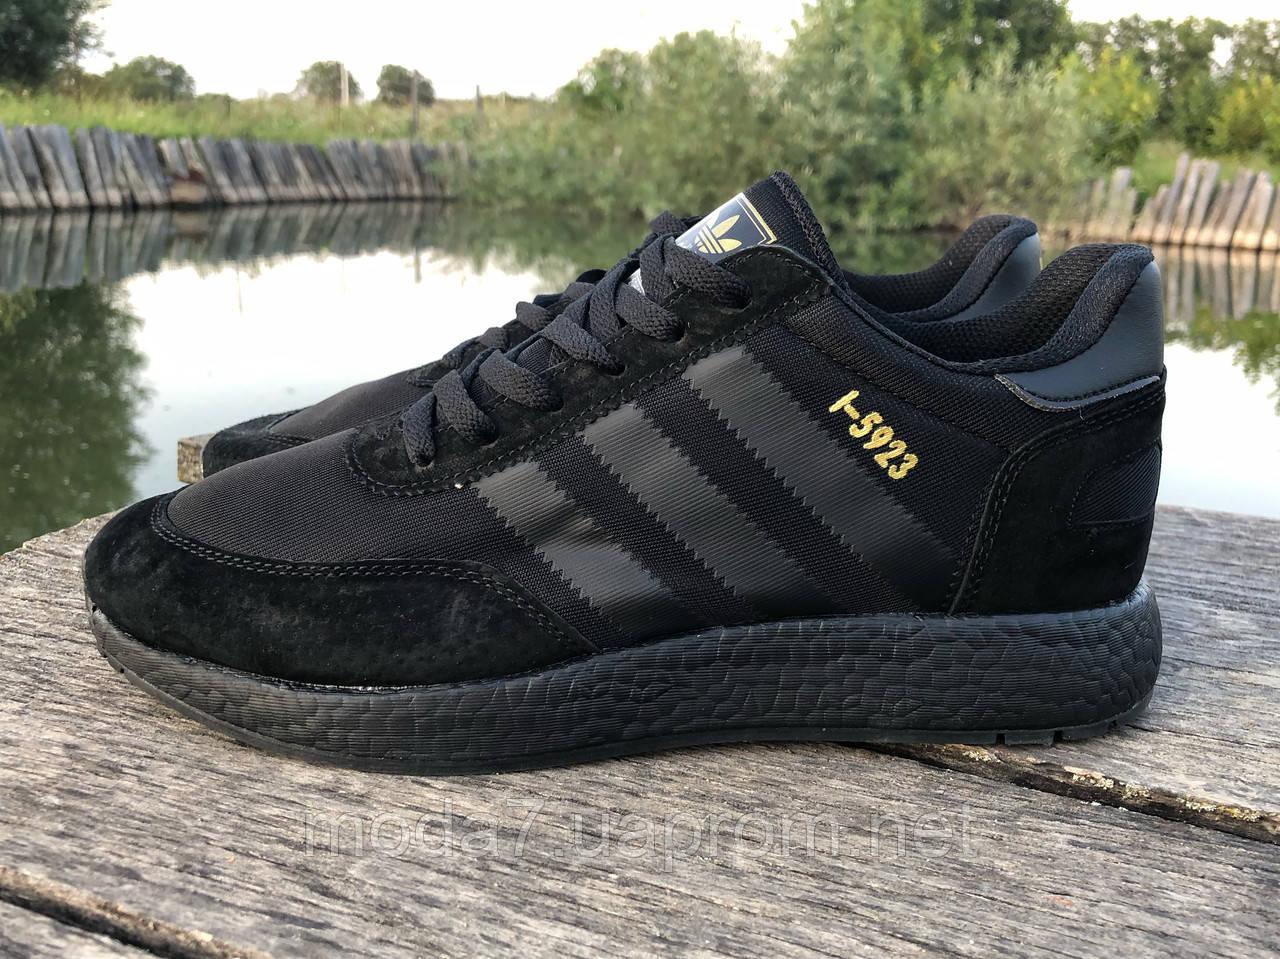 Кроссовки мужские черные Adidas Iniki реплика